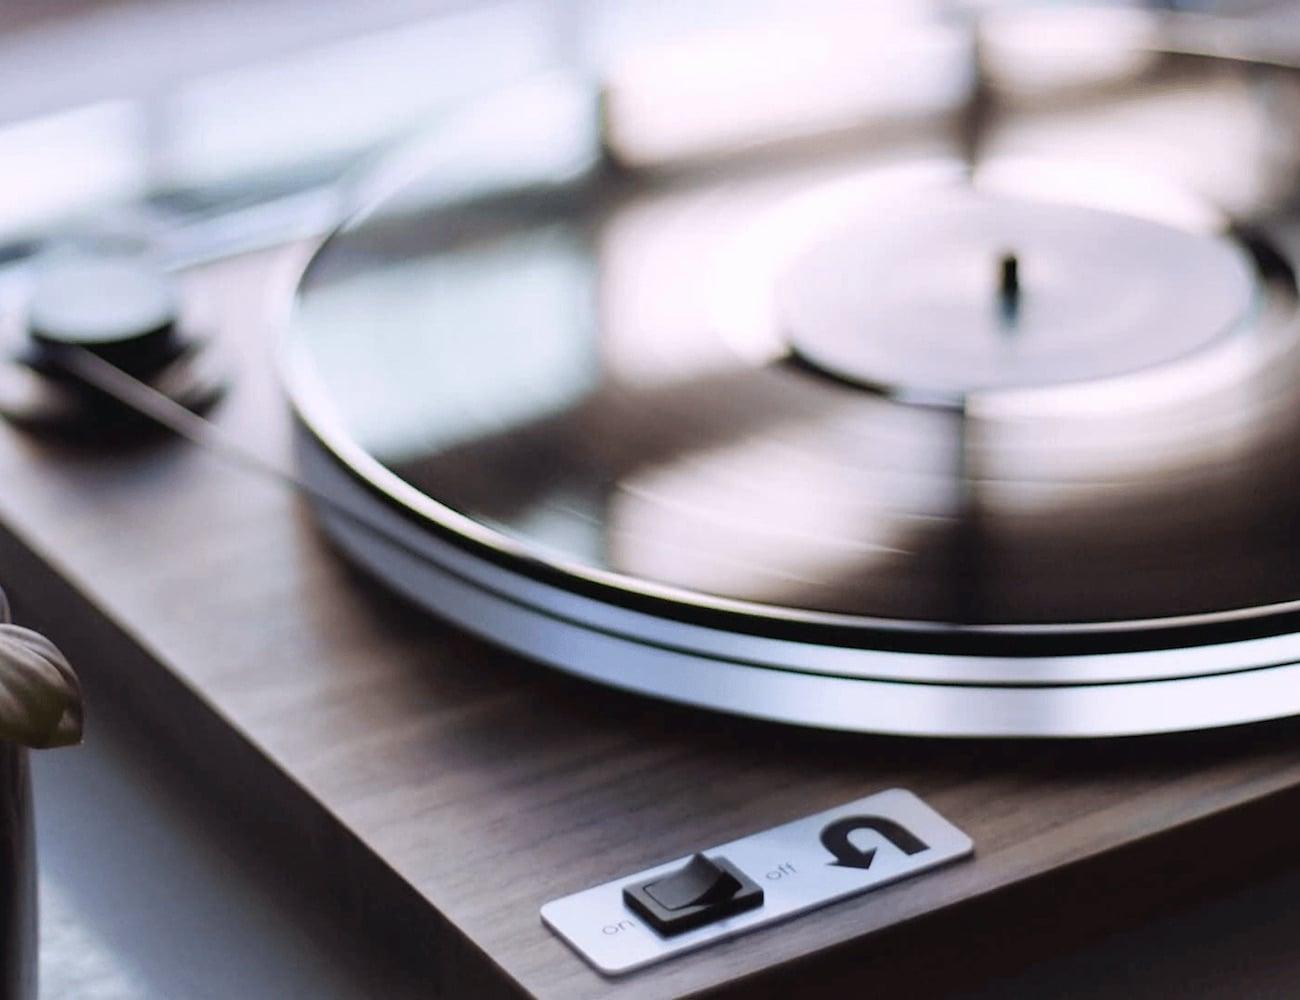 uTurn-Orbit-Plus-Modern-Turntable-2